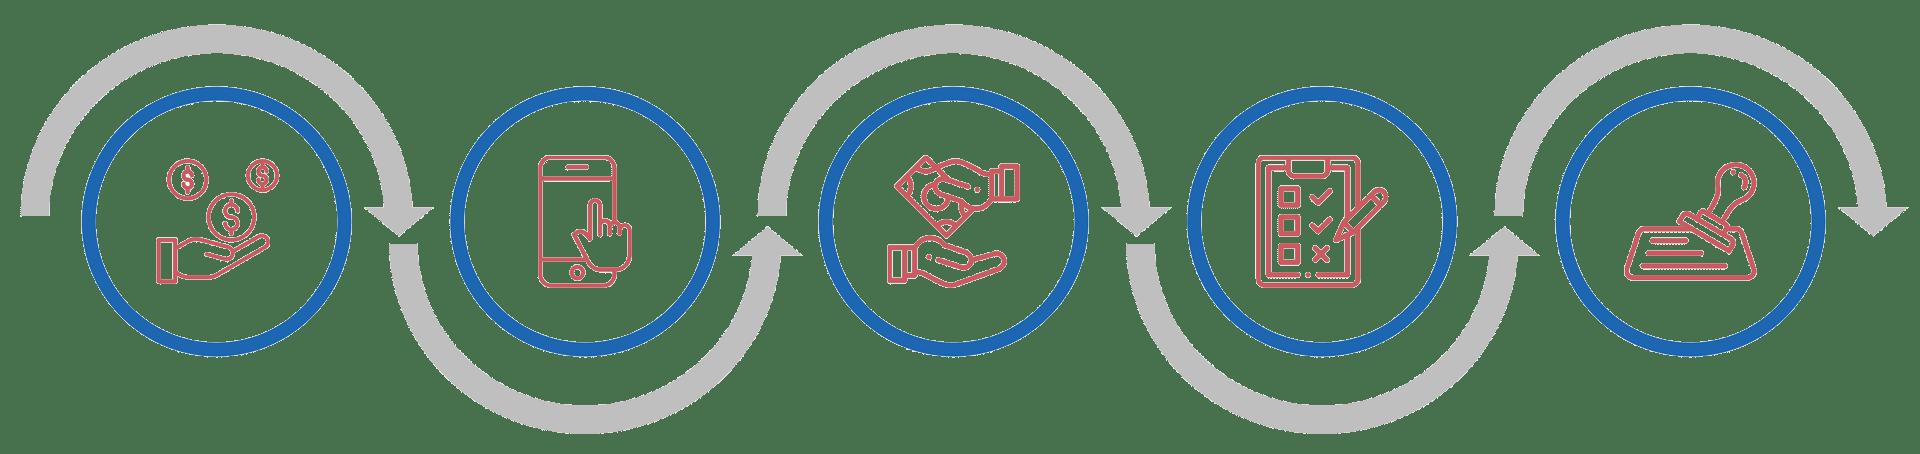 In 5 einfachen Schritten IDD Weiterbildungsstunden bei Cicero, gutberaten.de oder idw in der app online beantragen